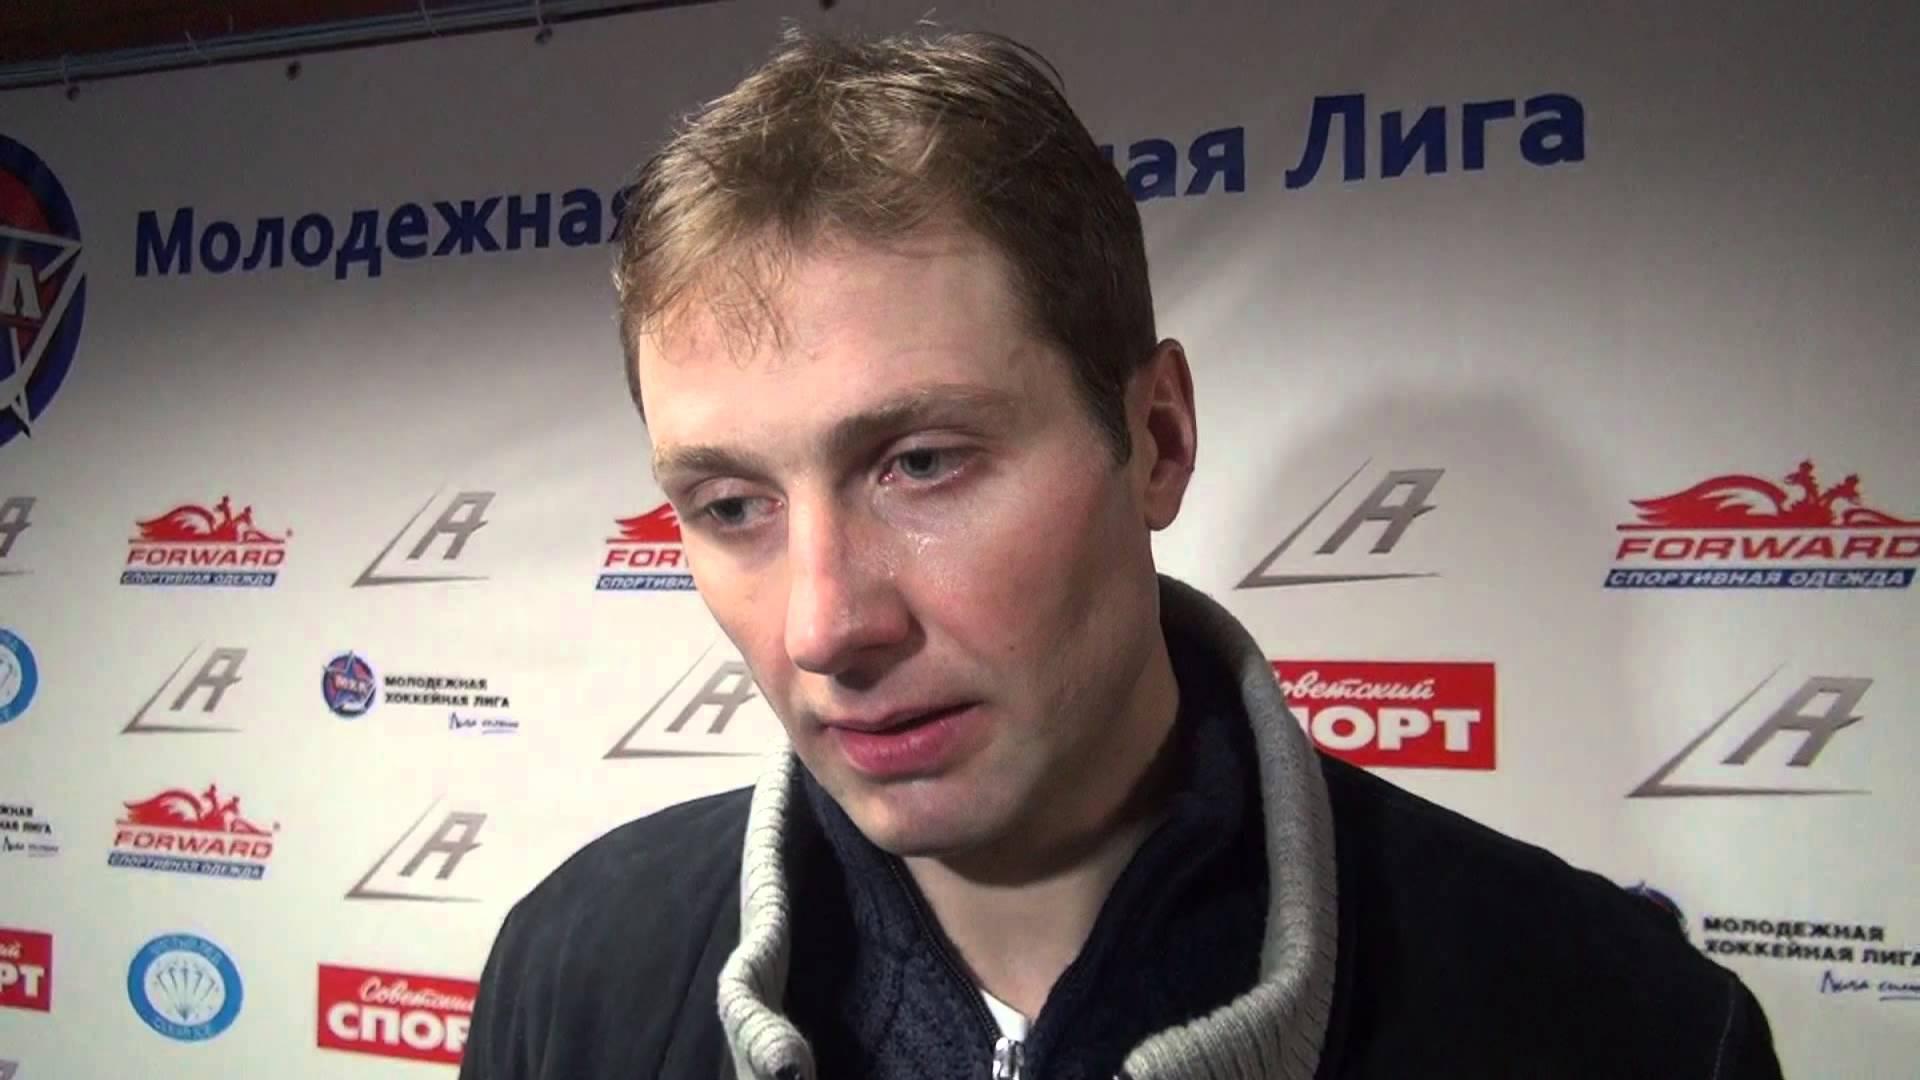 Хоккеист Морозов и эстрадная певица Нюша стали посламиЧМ